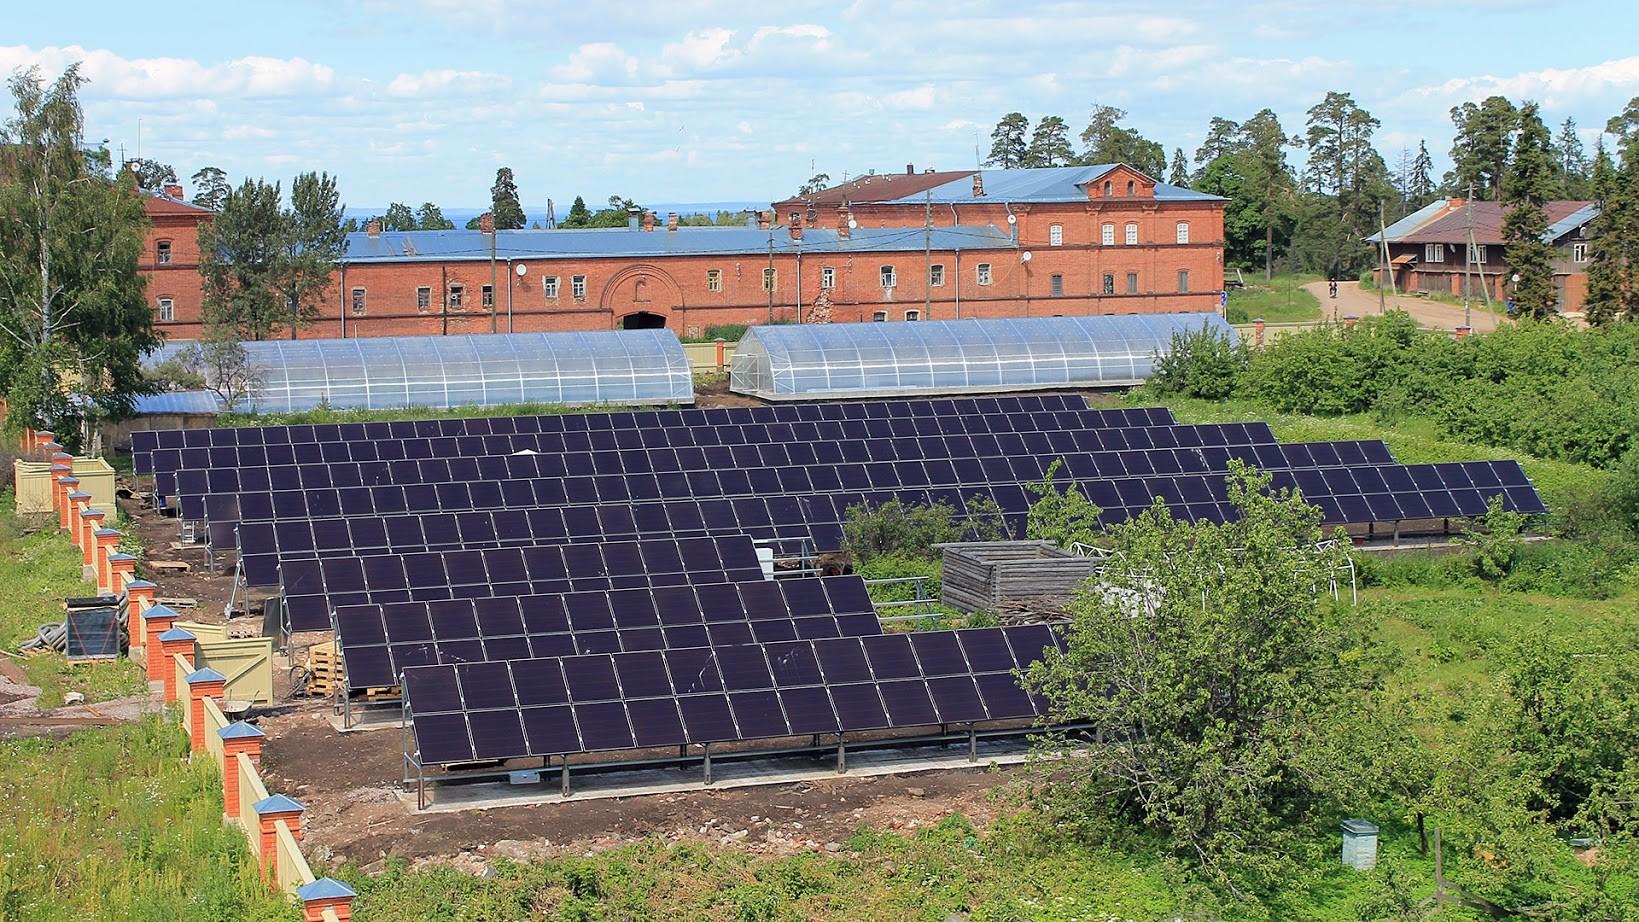 Sončne celice omogočajo ogrevanje rastlinjakov v samostanu Alaam.